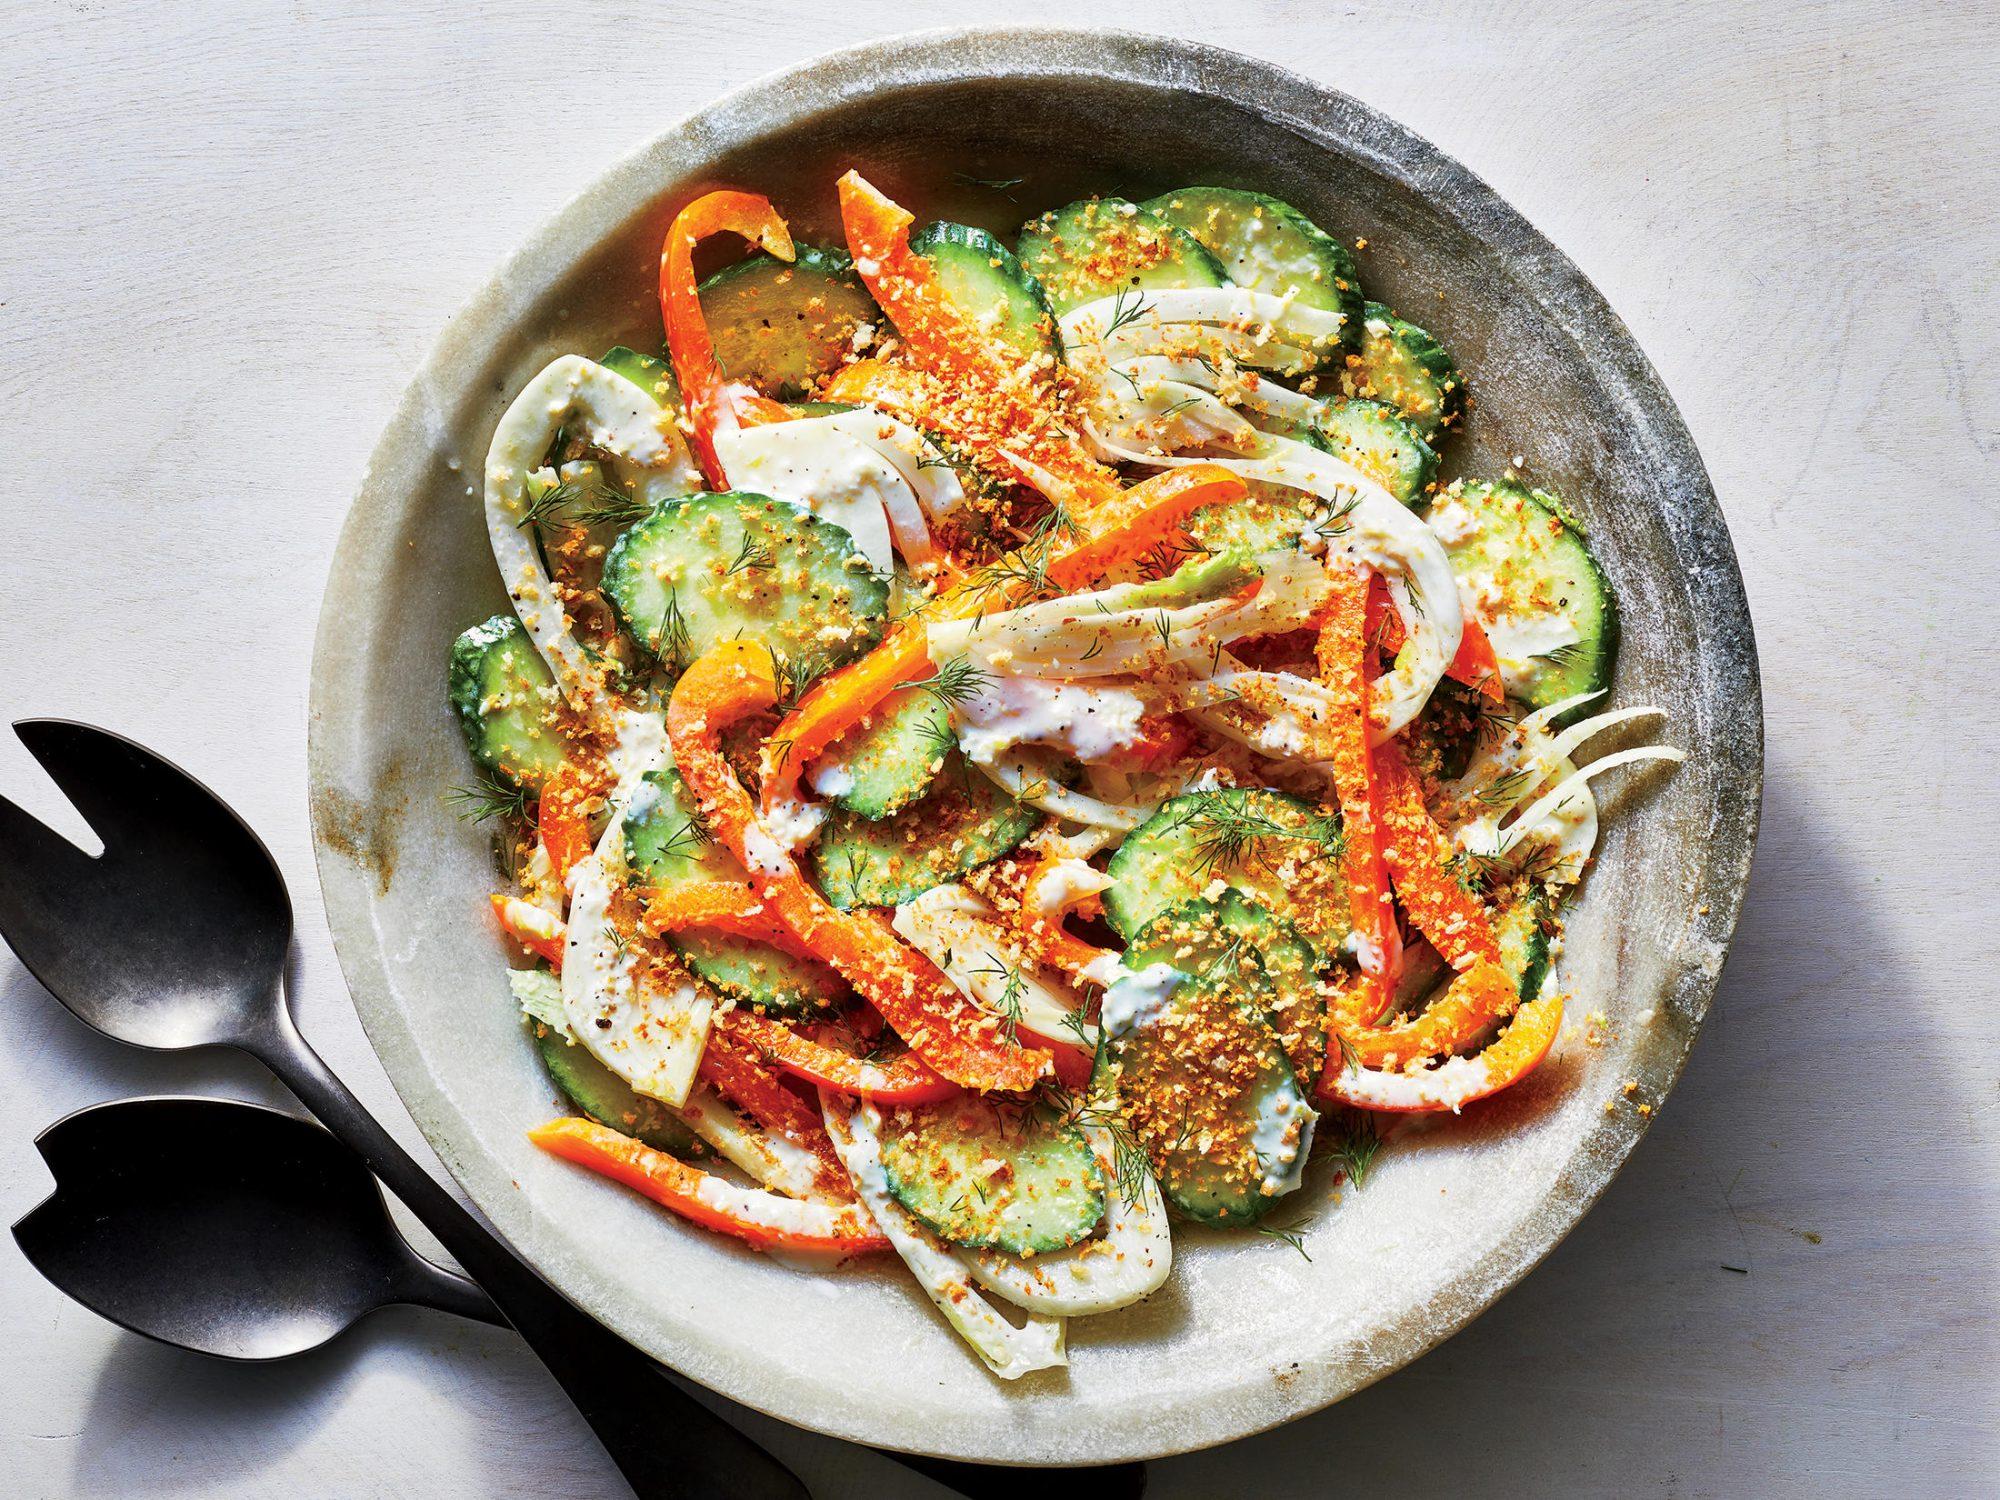 Cucumber-Fennel Salad